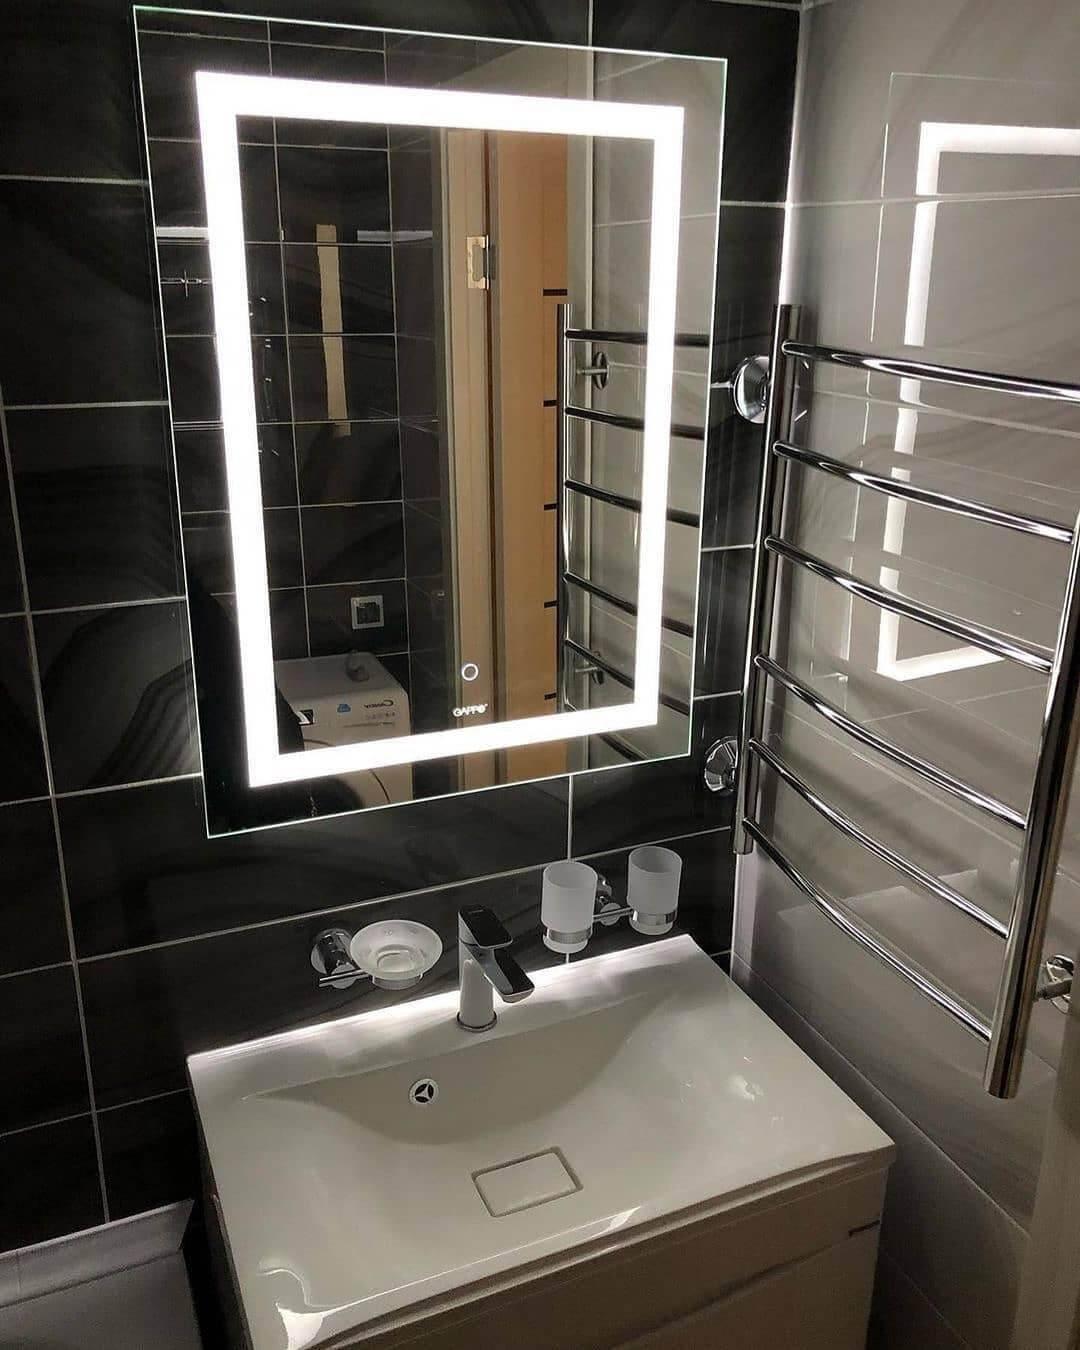 Красивый ремонт в ванной и санузле в едином стиле: 10 фото как можно сделать